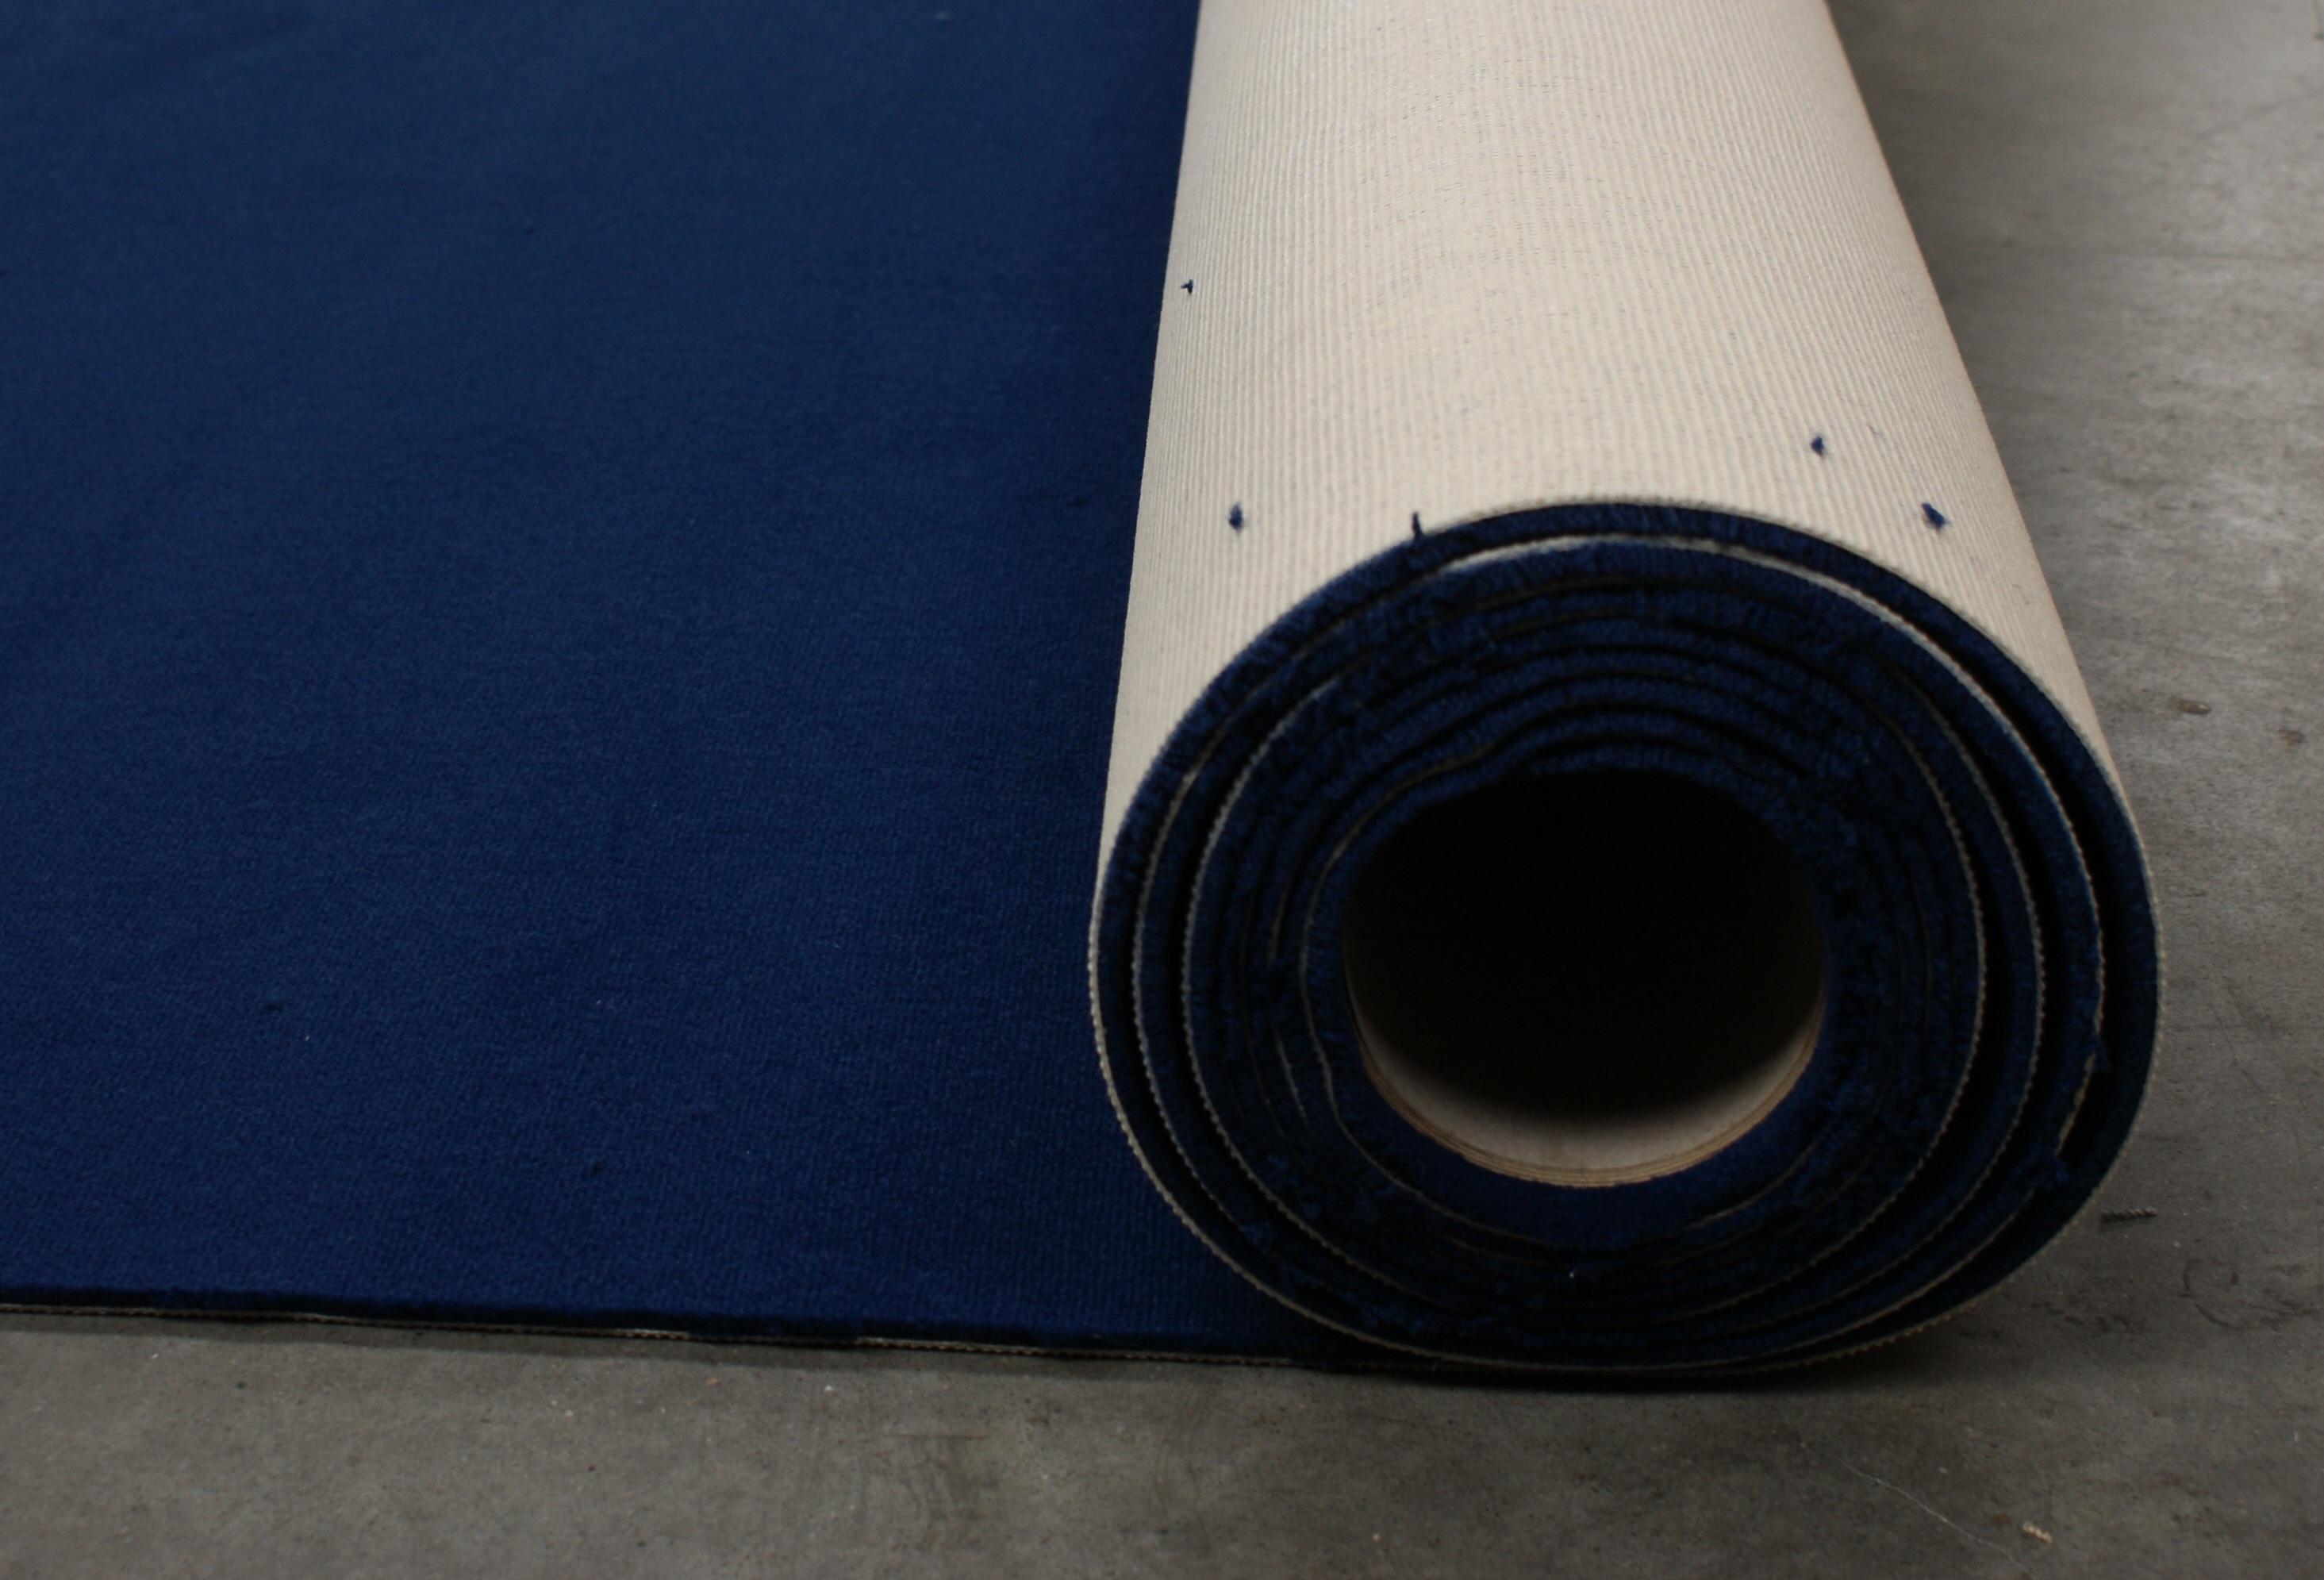 Blauwe Vloerbedekking Slaapkamer : Blauwe vloerbedekking slaapkamer ~ beste ideen over huis en interieur